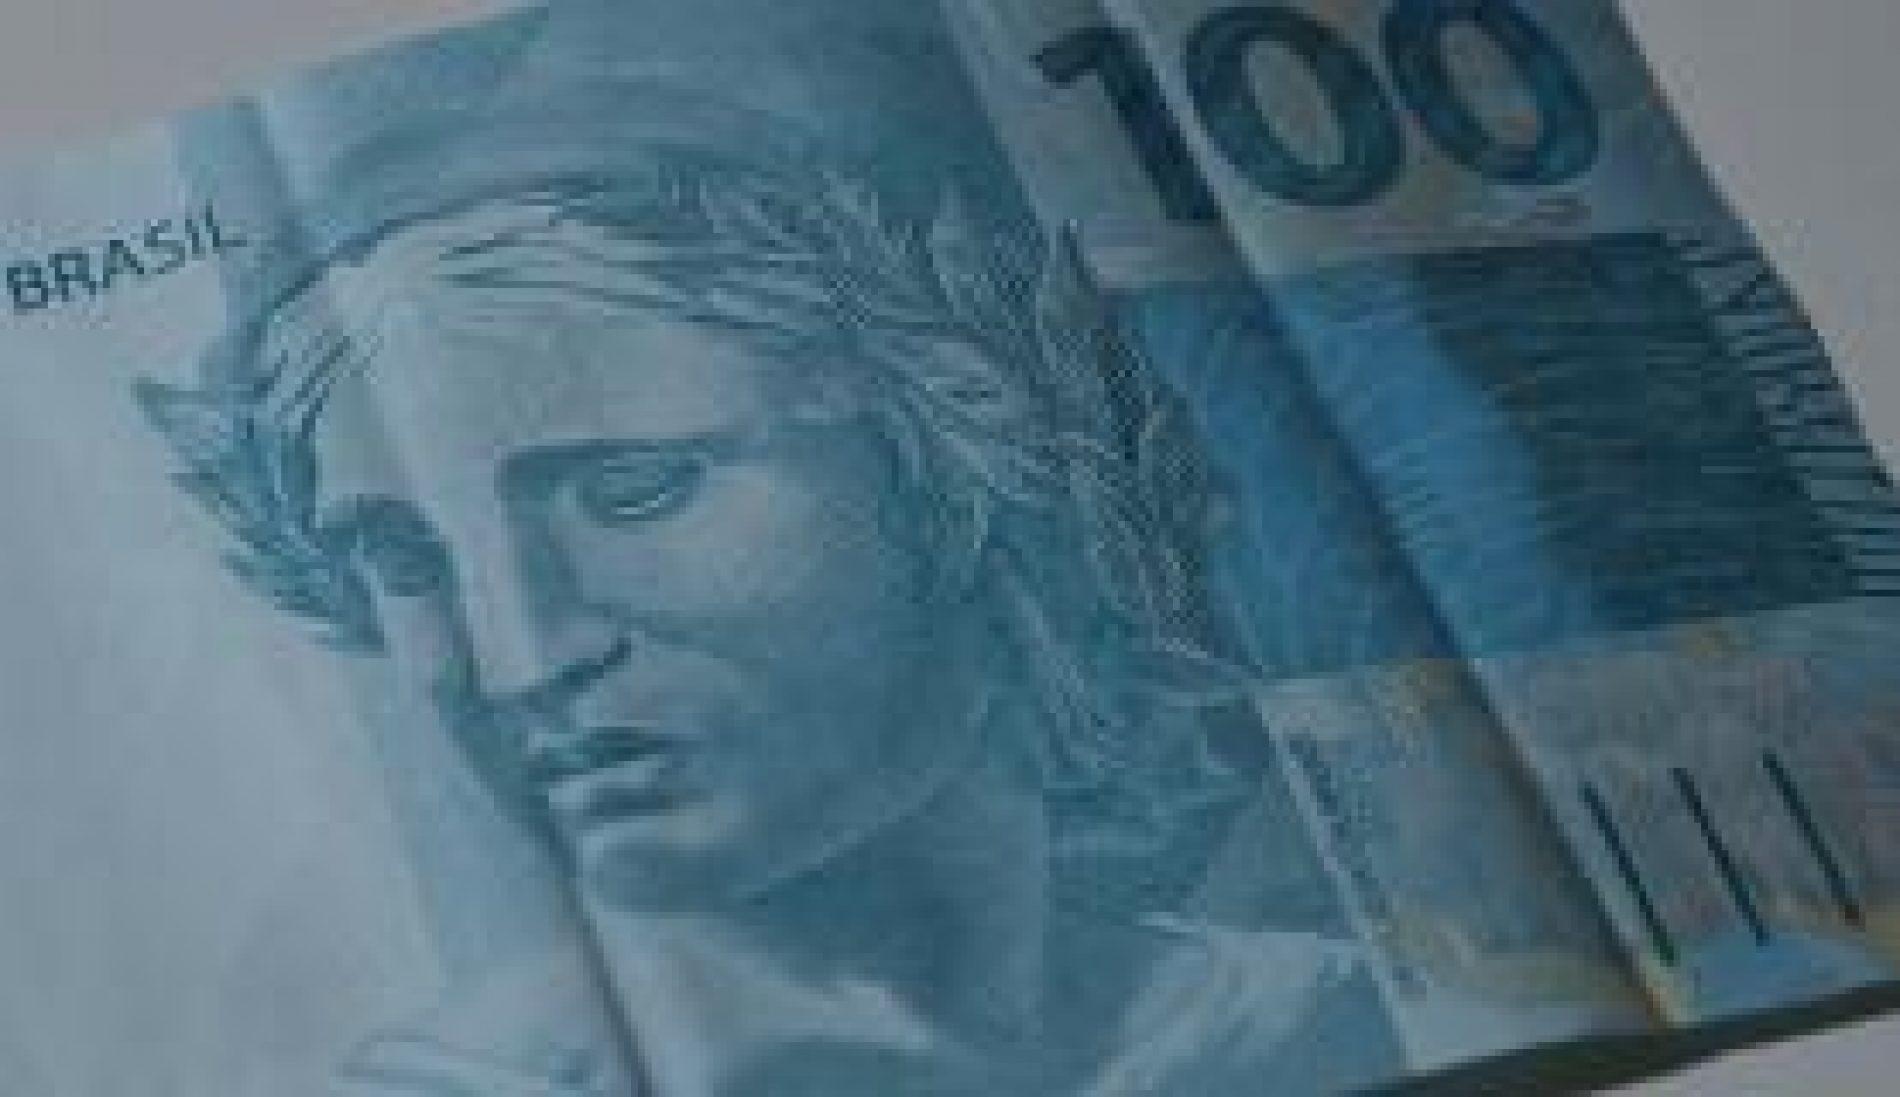 FGTS registra lucro recorde de mais de R$ 14 bilhões em 2016